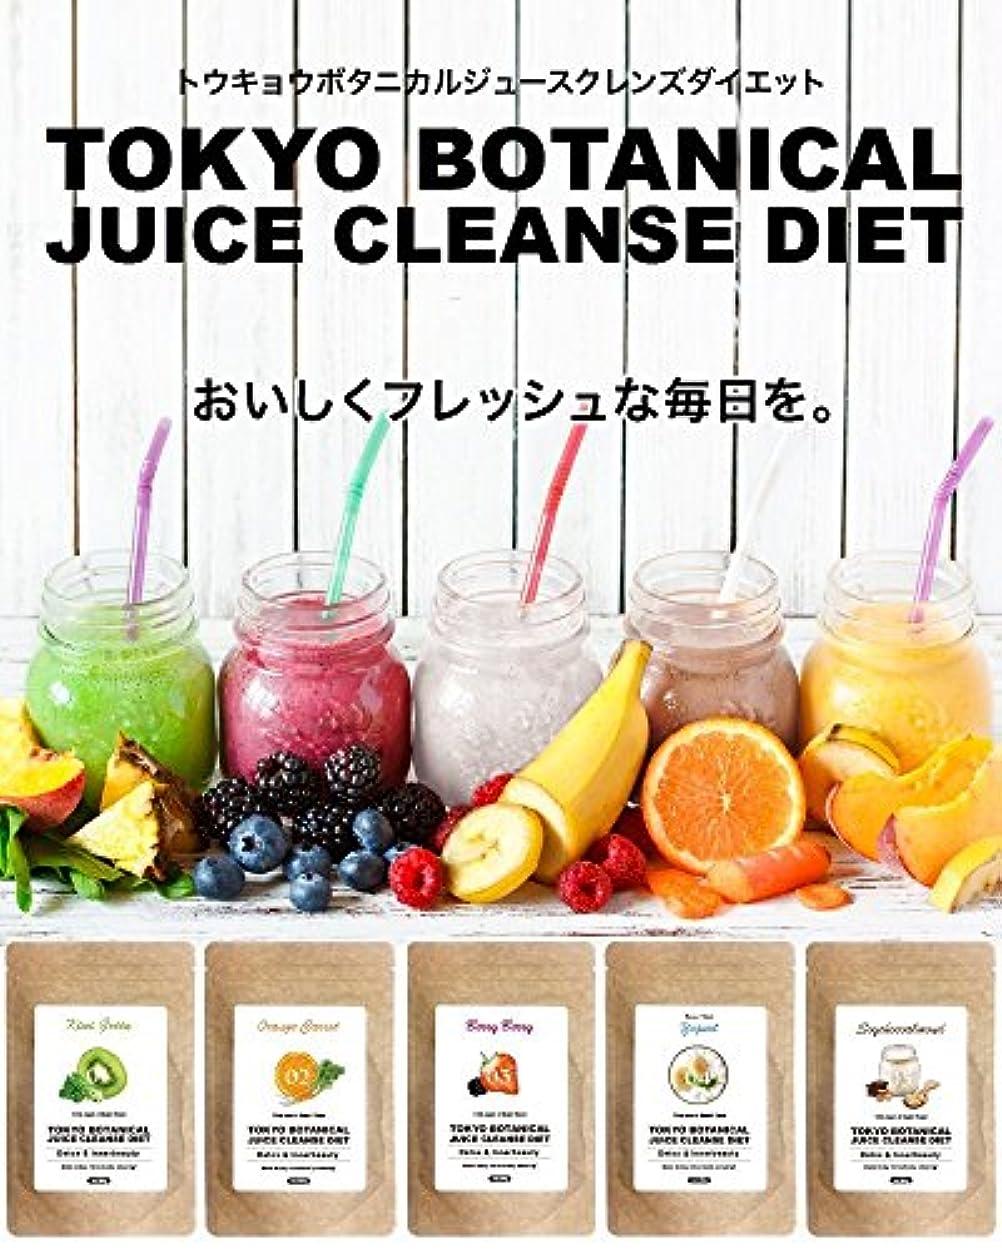 くつろぎ不適当しなやかなTOKYO BOTANICAL JUICE CLEANSE DIET(Yogurt)